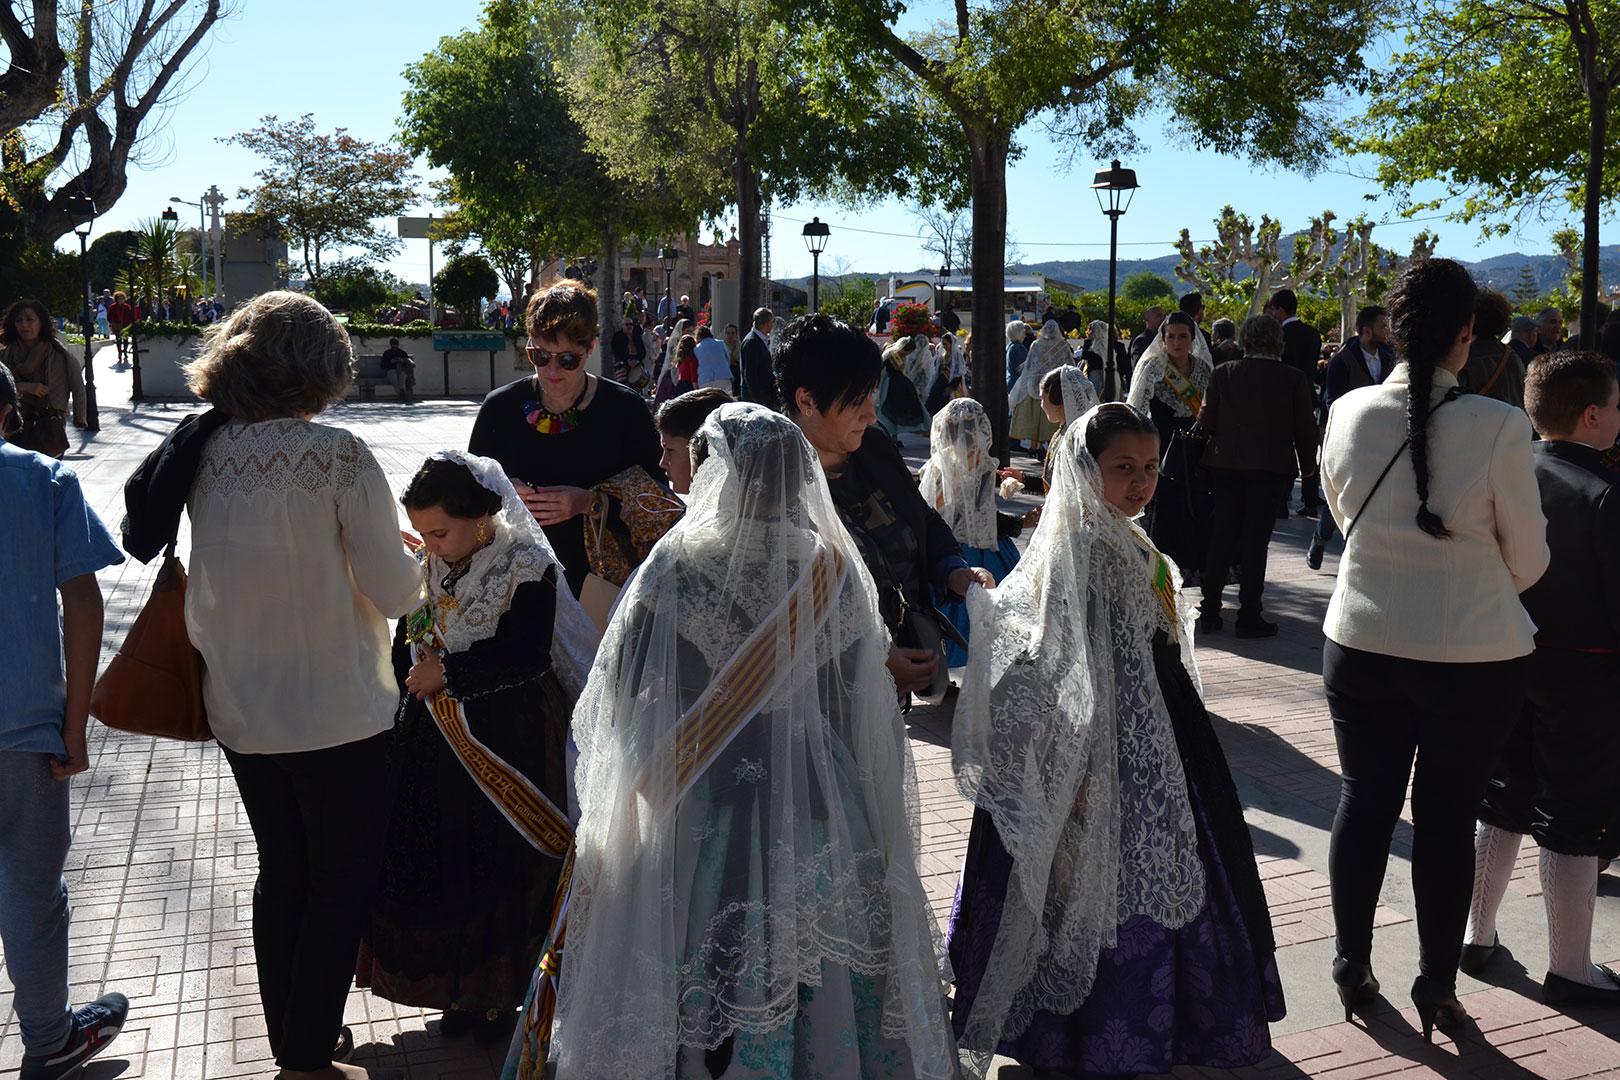 160501-procesion-2-181322